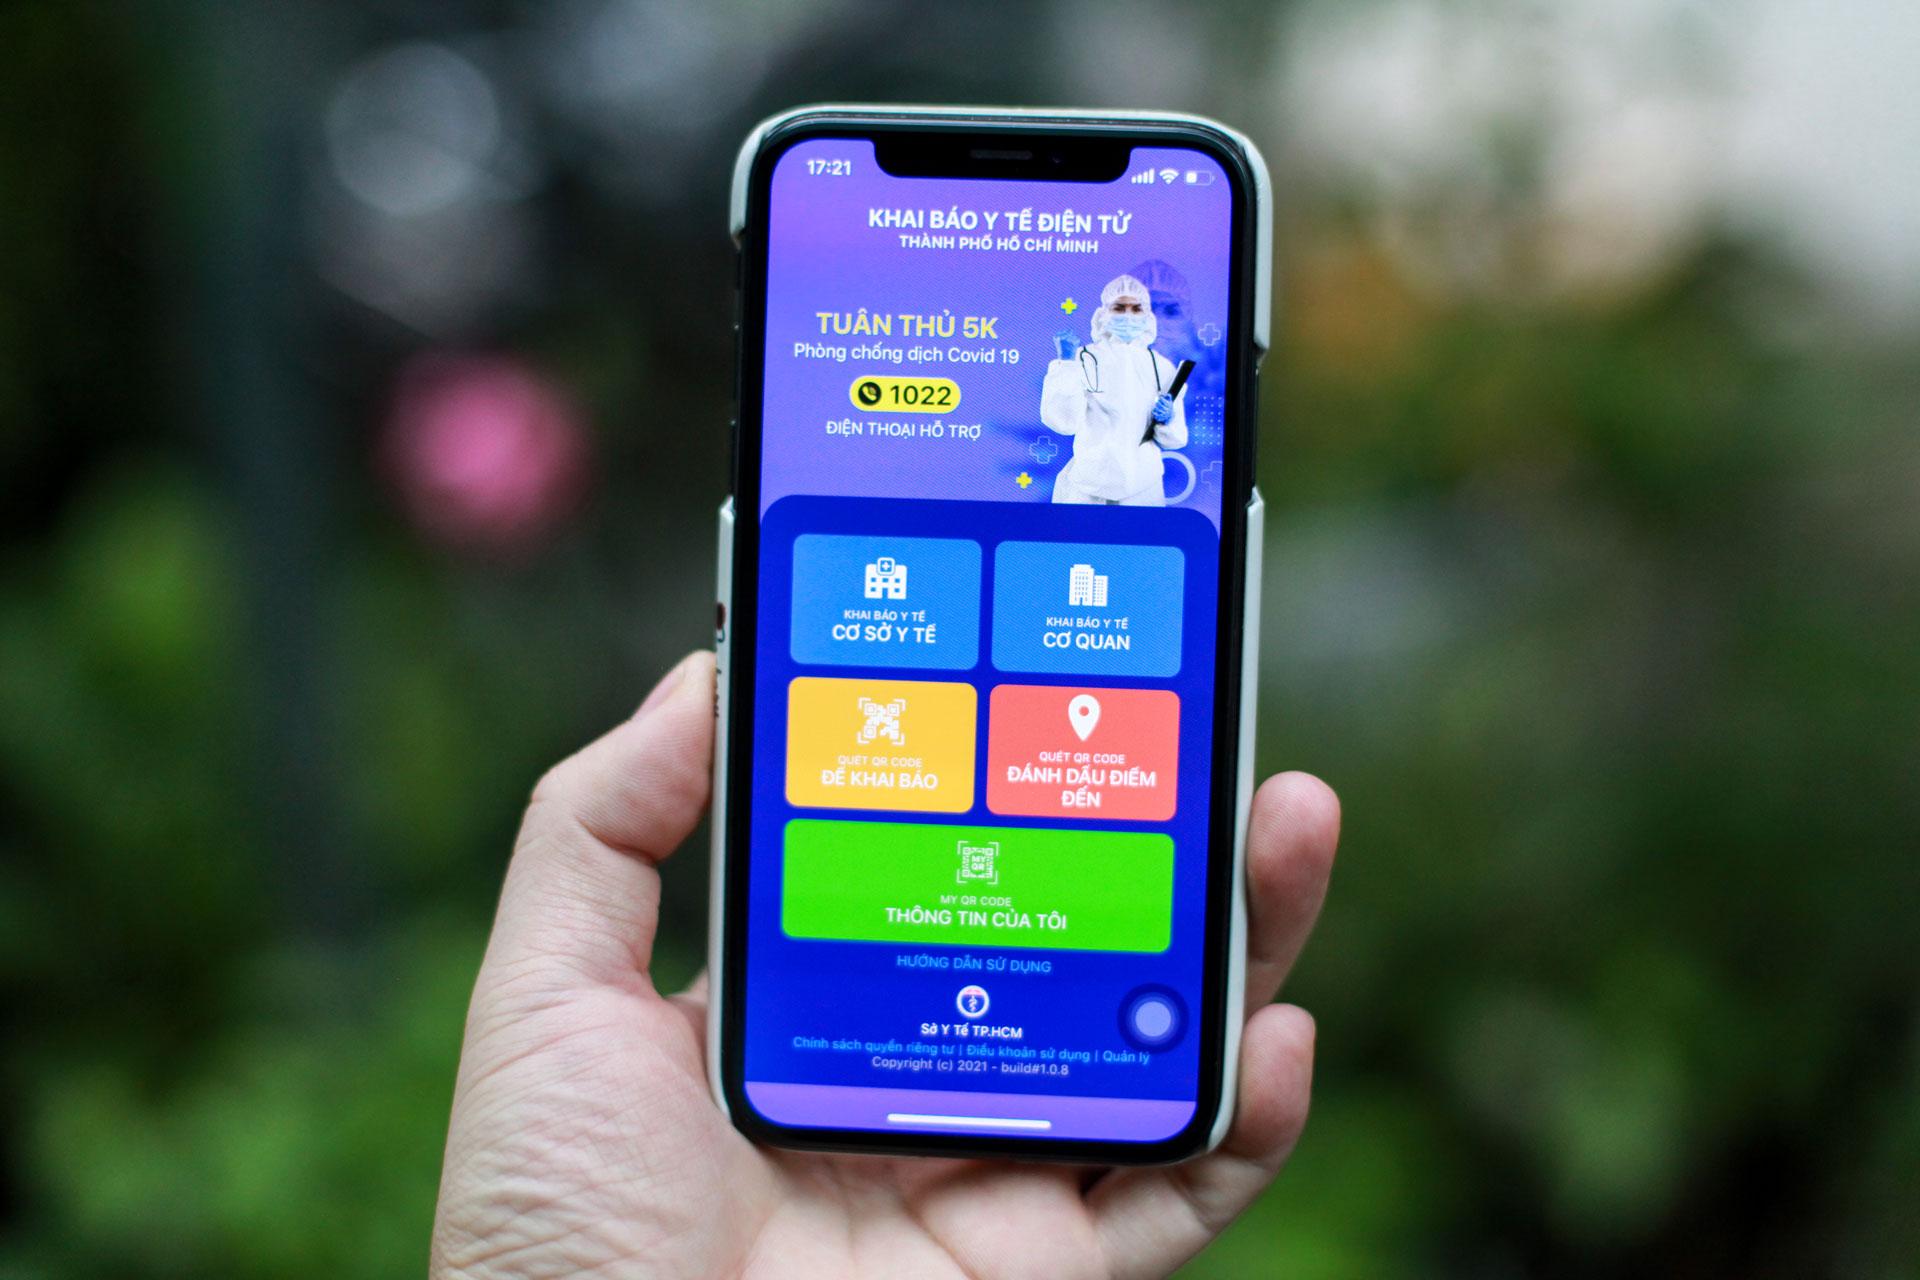 Giao diện ứng dụng Y tế HCM với các tính năng giúp người dân dễ dàng khai báo y tế và nhận kết quả xét nghiệm Covid-19 bằng mã QR.